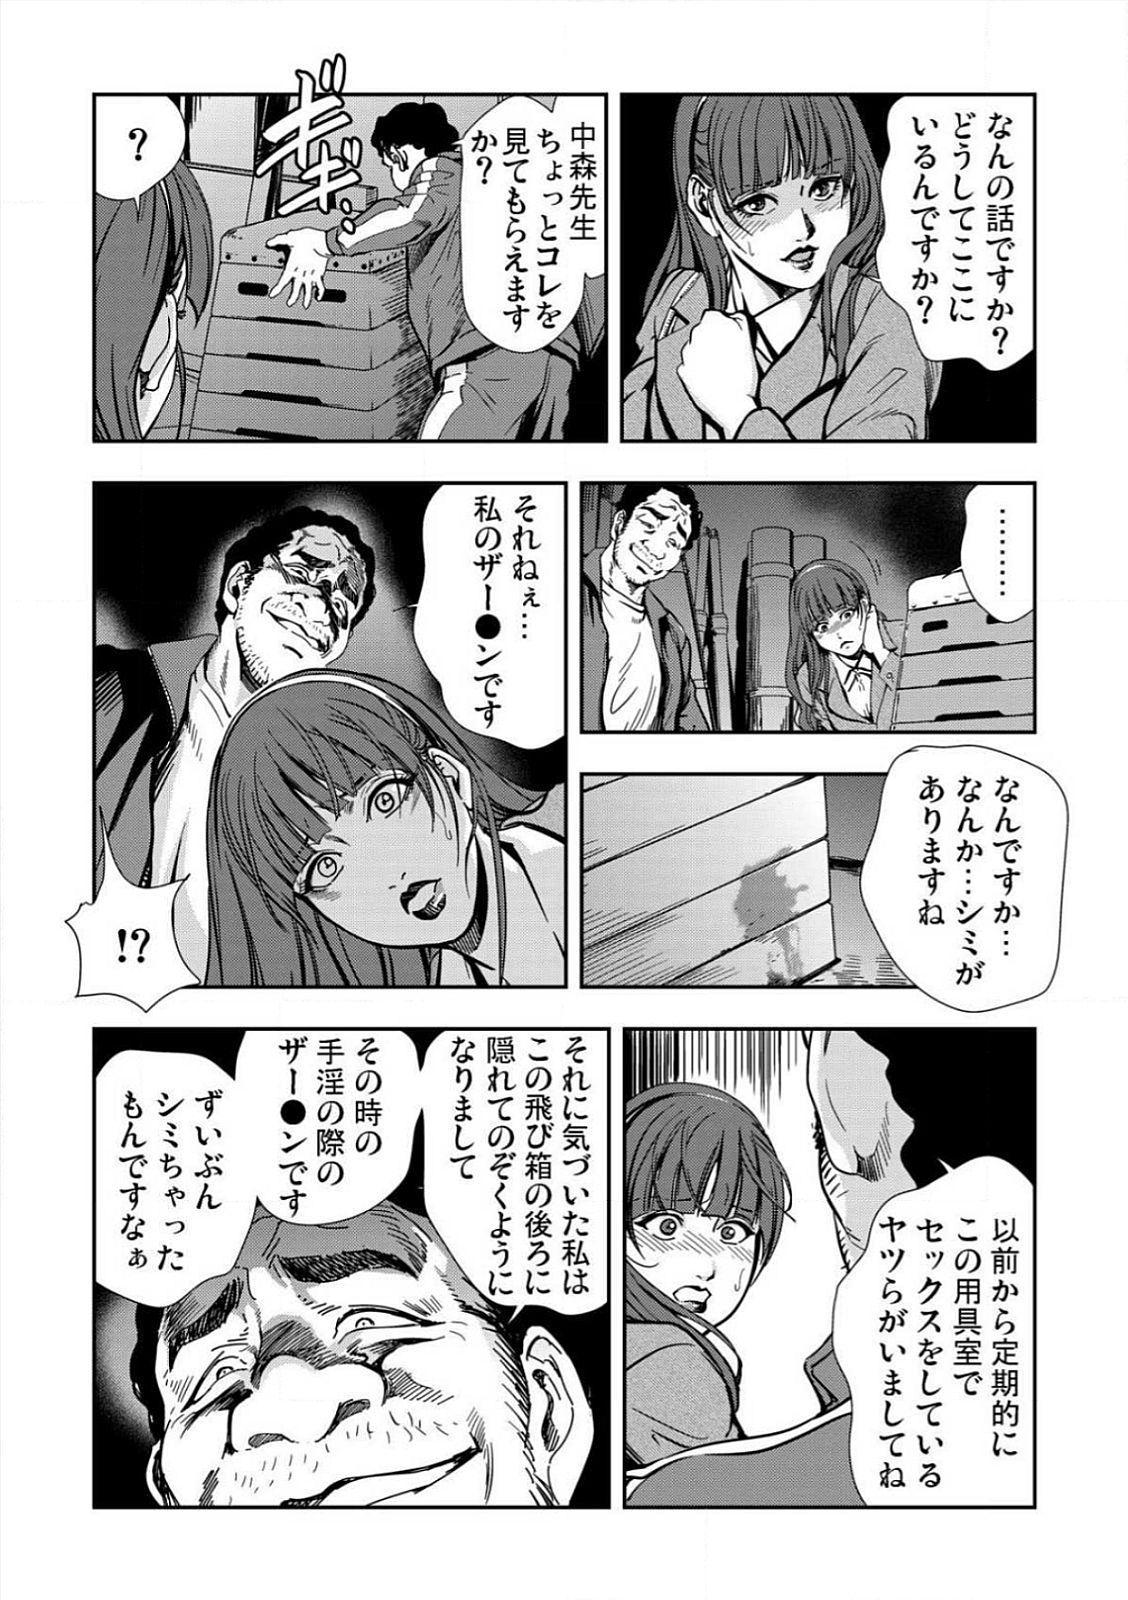 [Misaki Yukihiro] Kyousei Shidou ~Mechakucha ni Kegasarete~ (1)~(6) [Digital] 41